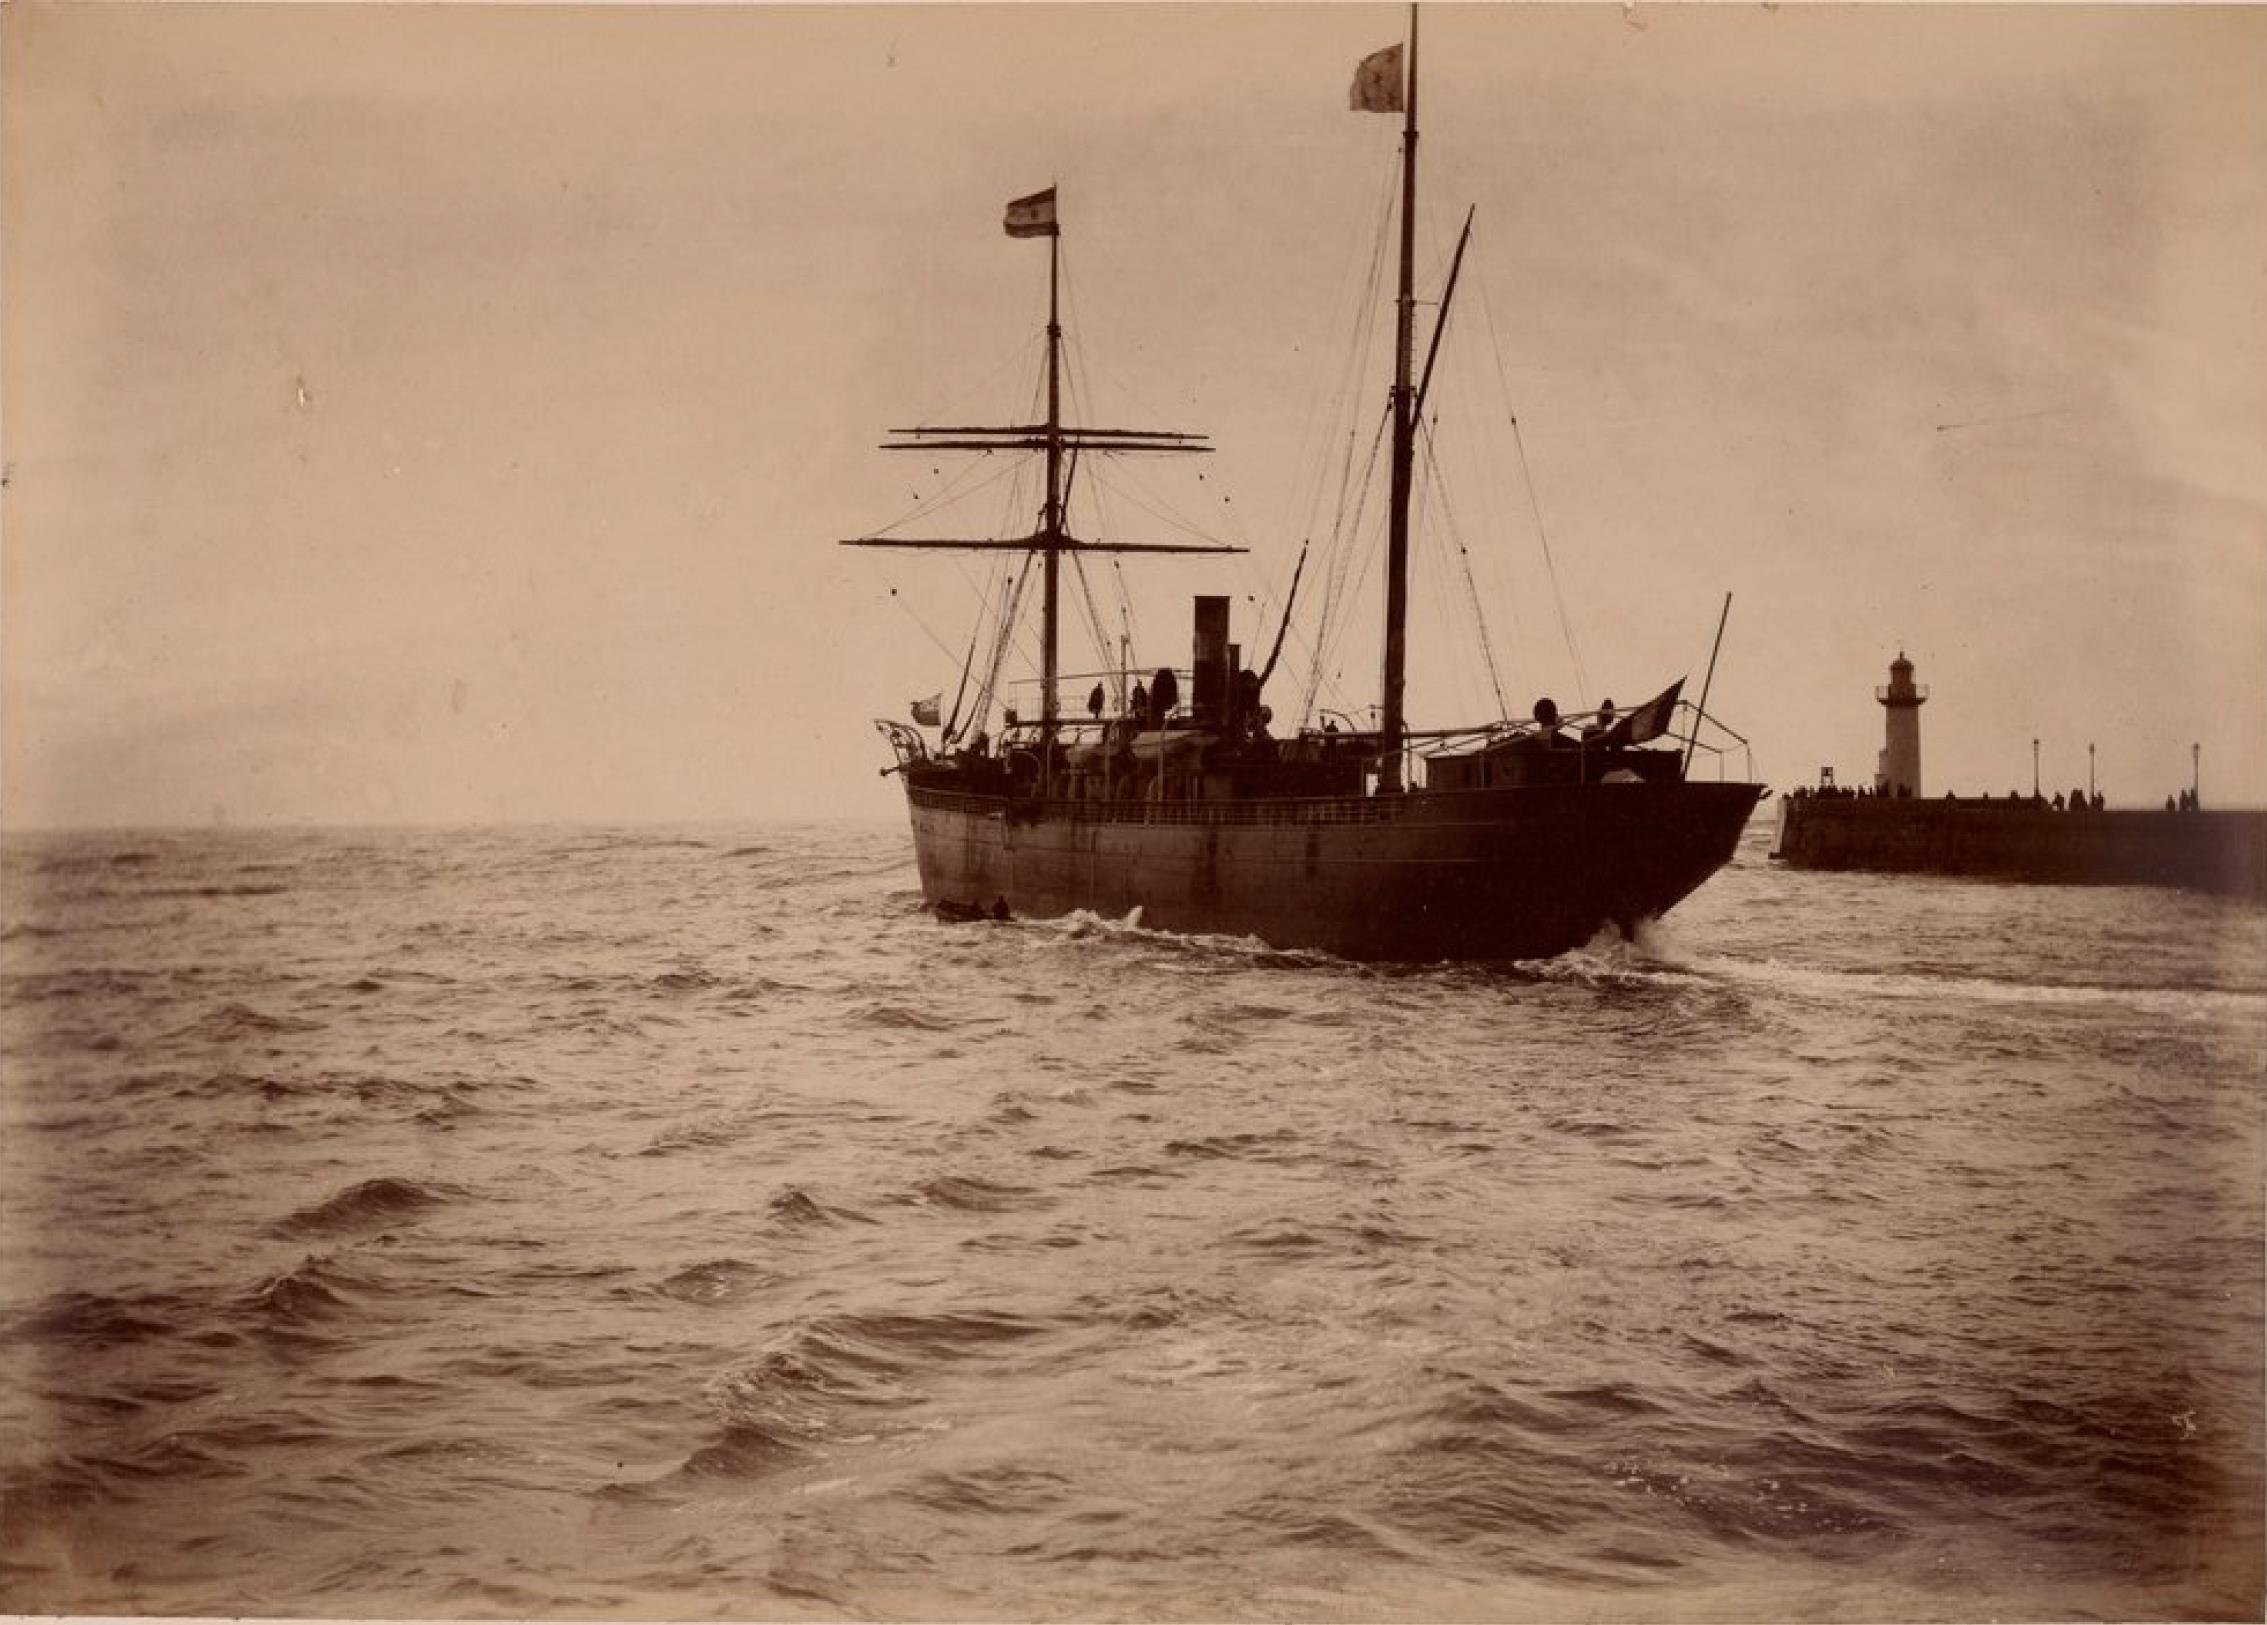 Компания «Chargeurs Reunis». Гавр. Пассажирское судно «Монтевидео». Линия Гавр - Южная Америка